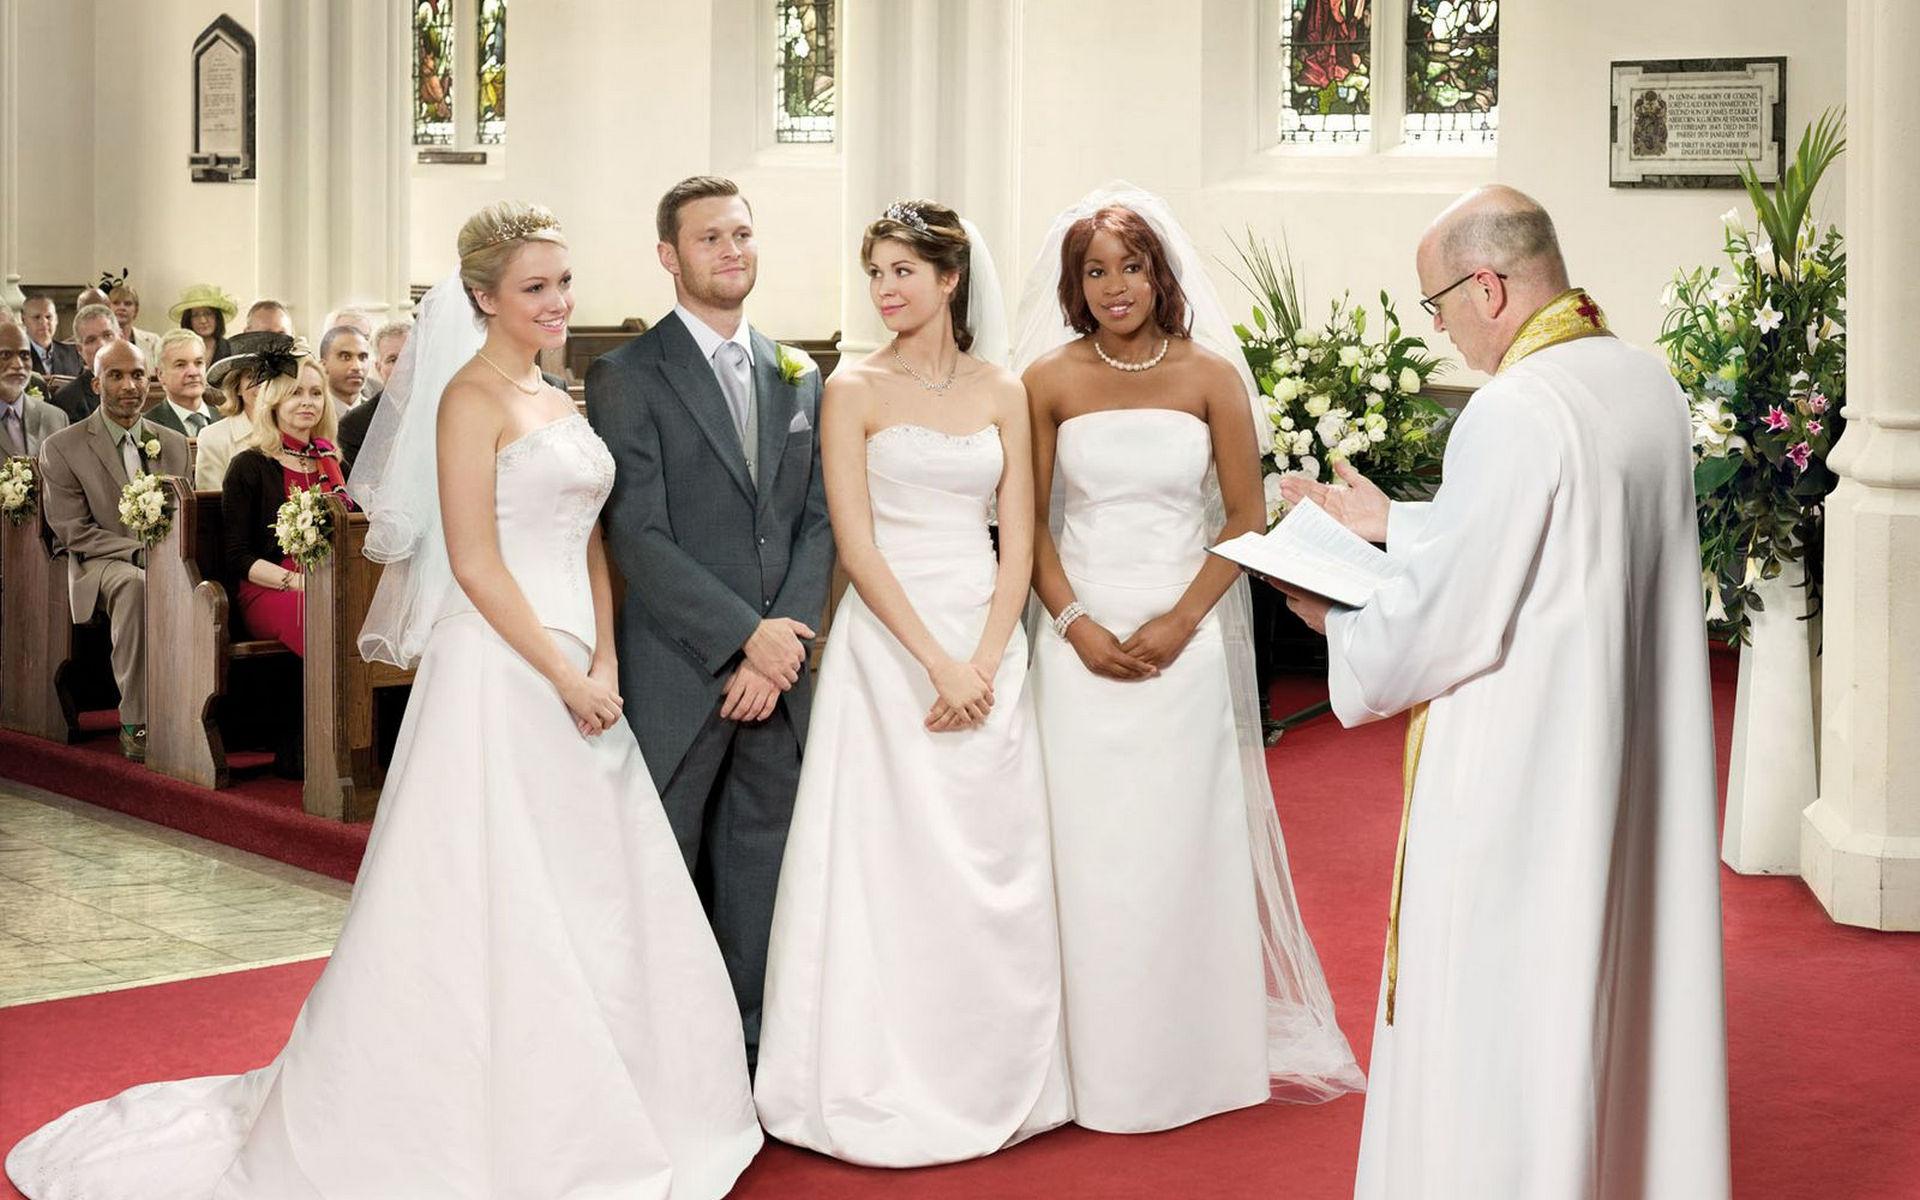 свадьба, жены, муж